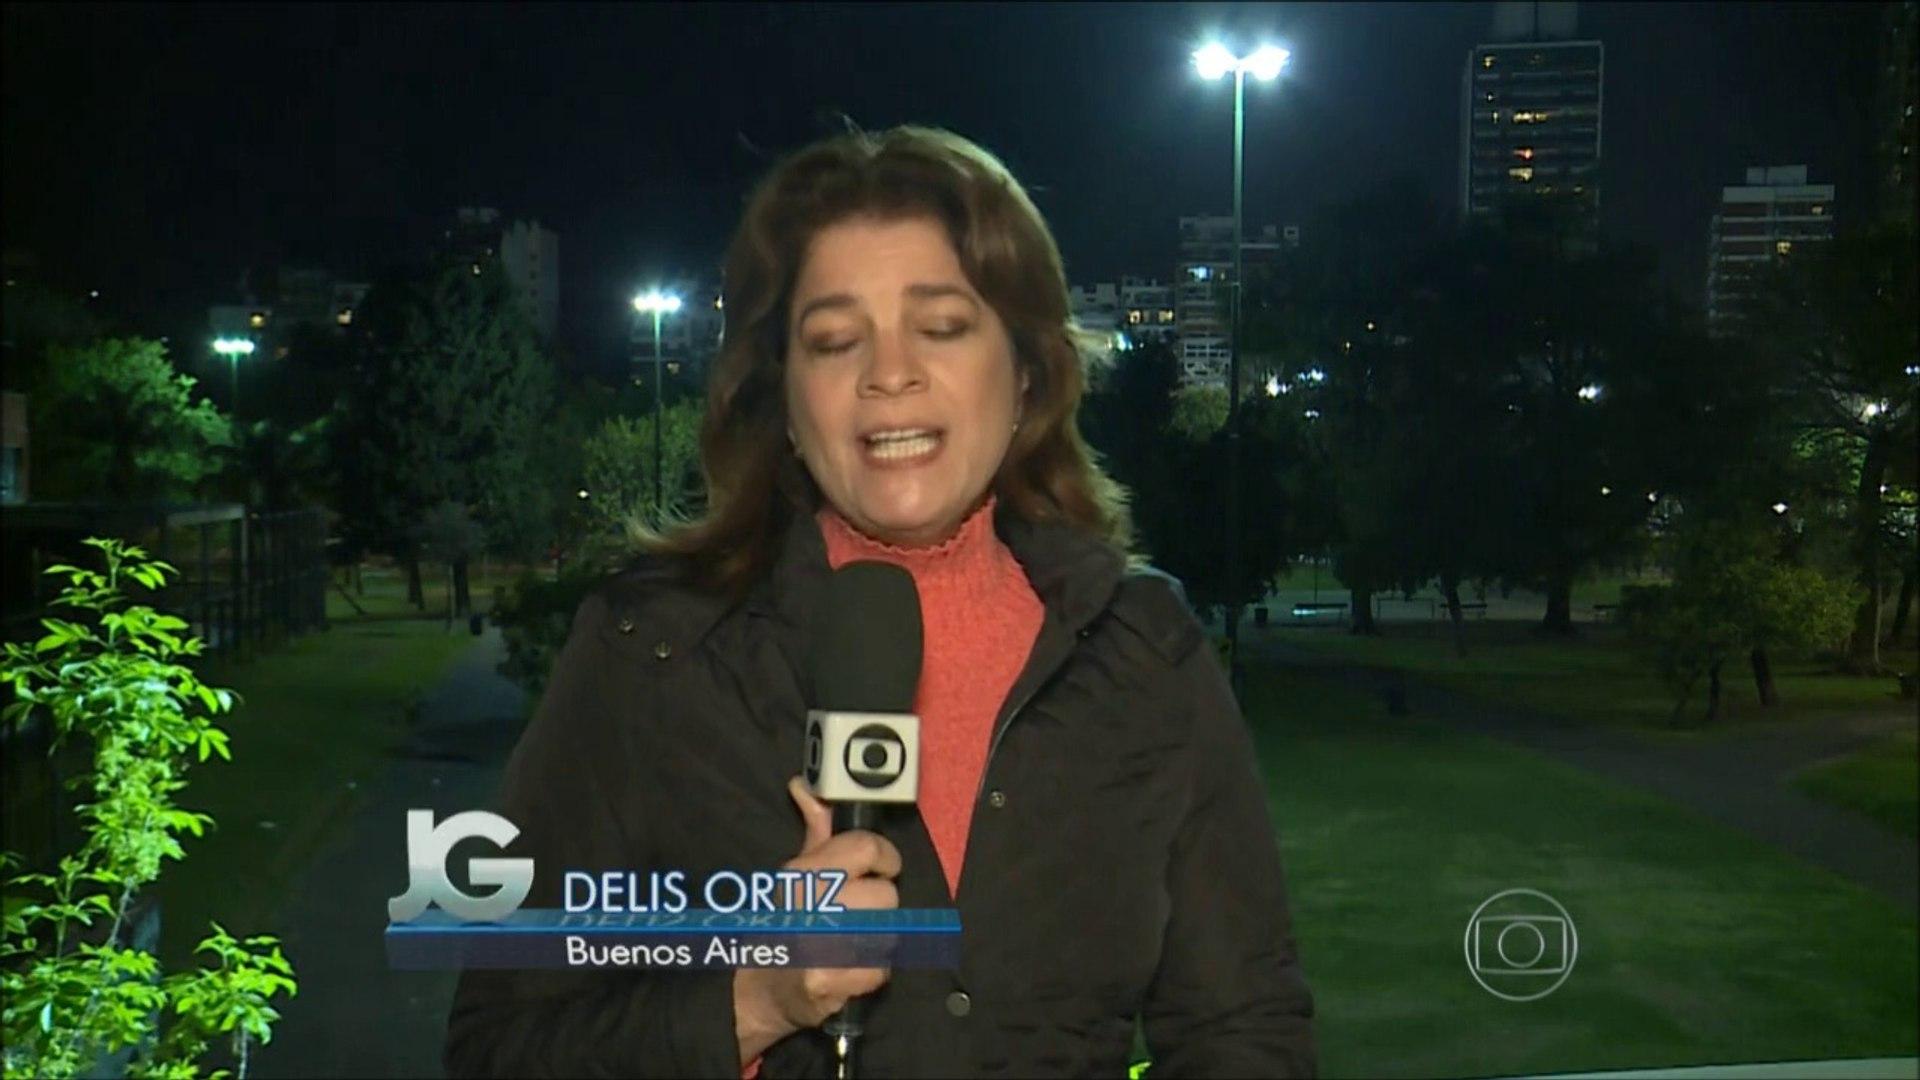 Filha de Delis Ortiz ganha cargo no governo Bolsonaro e Globo transfere repórter de área